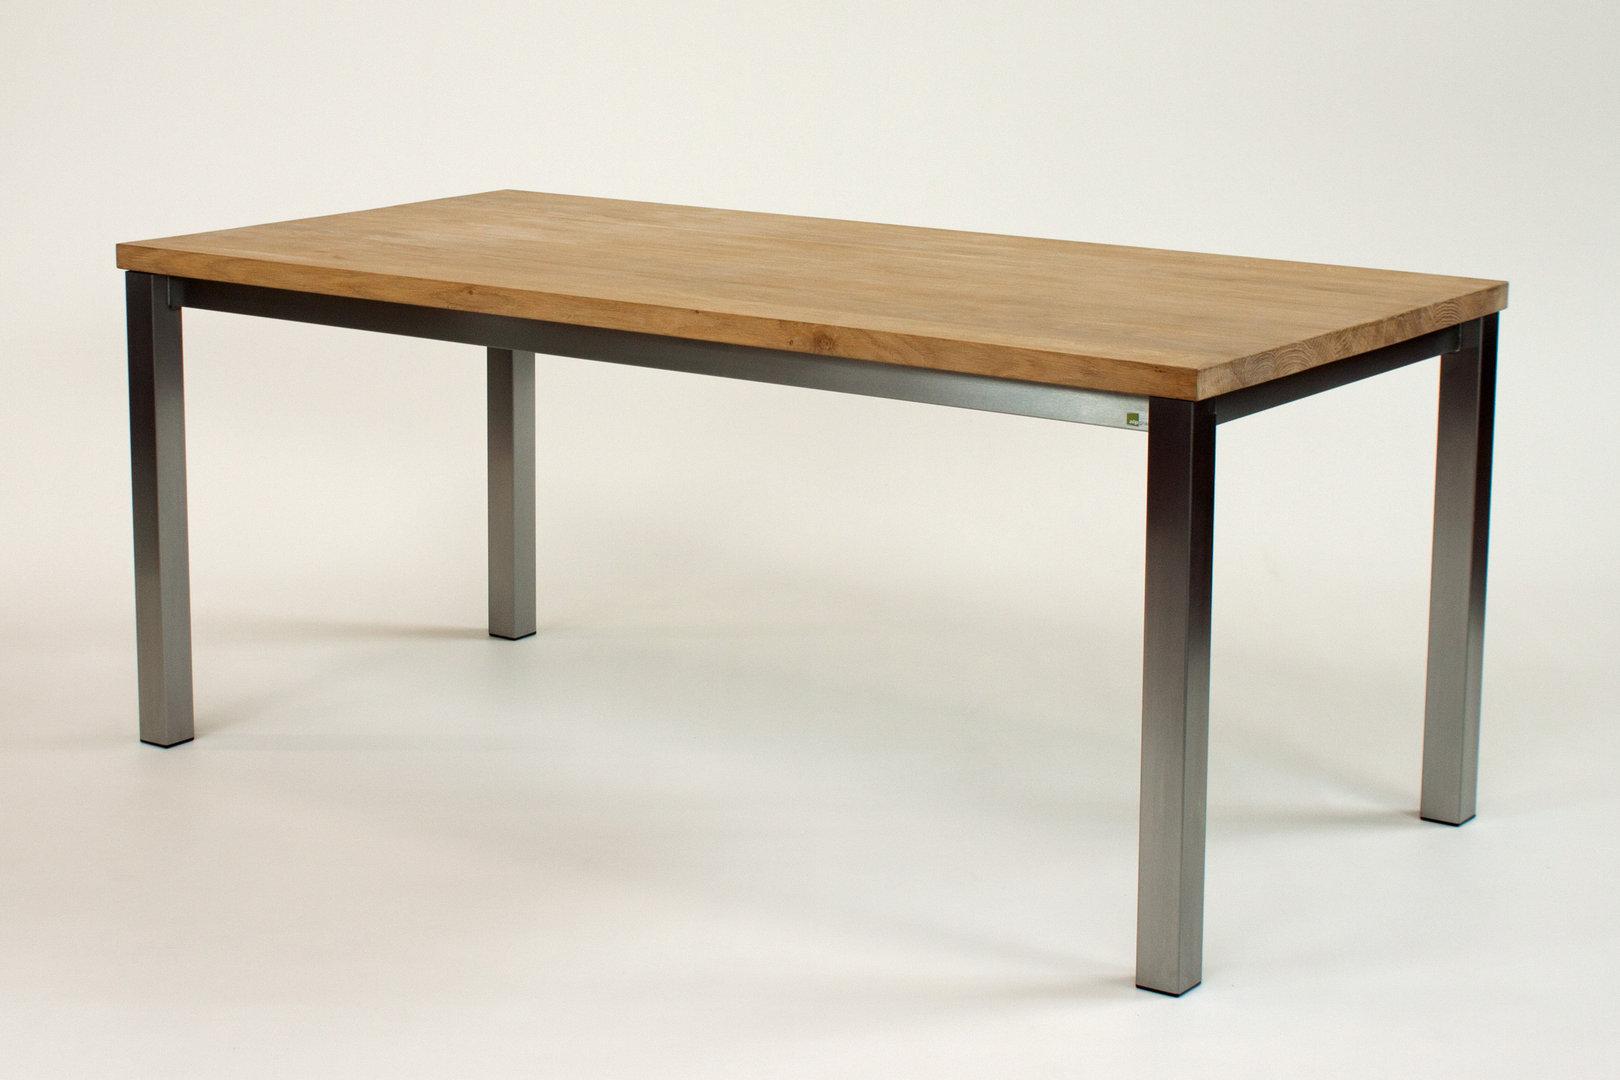 esstische mit holz tischplatte alpgranit hochwertige keramik und naturstein gartentische. Black Bedroom Furniture Sets. Home Design Ideas